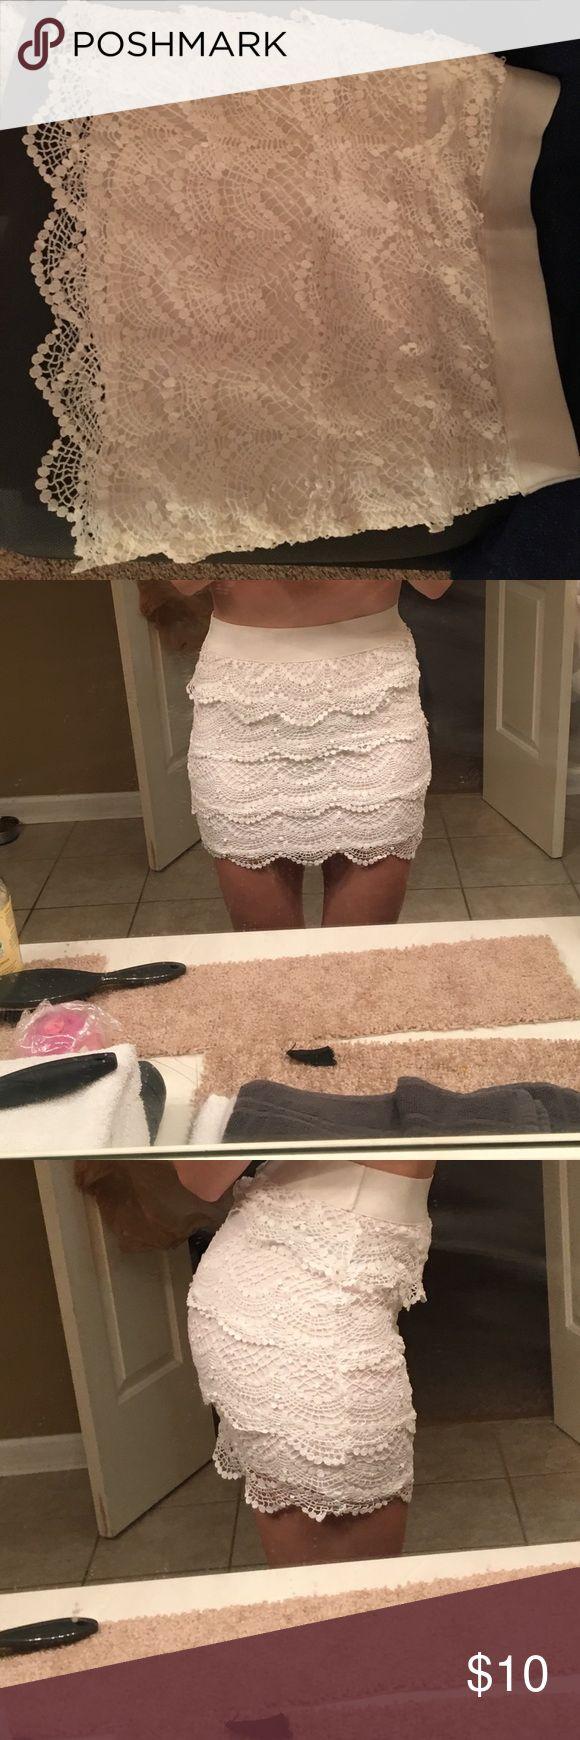 White lace Bethany Mota skirt. XS White lace Bethany Mota Skirt. XS. 95% cotton Aeropostale Skirts Mini